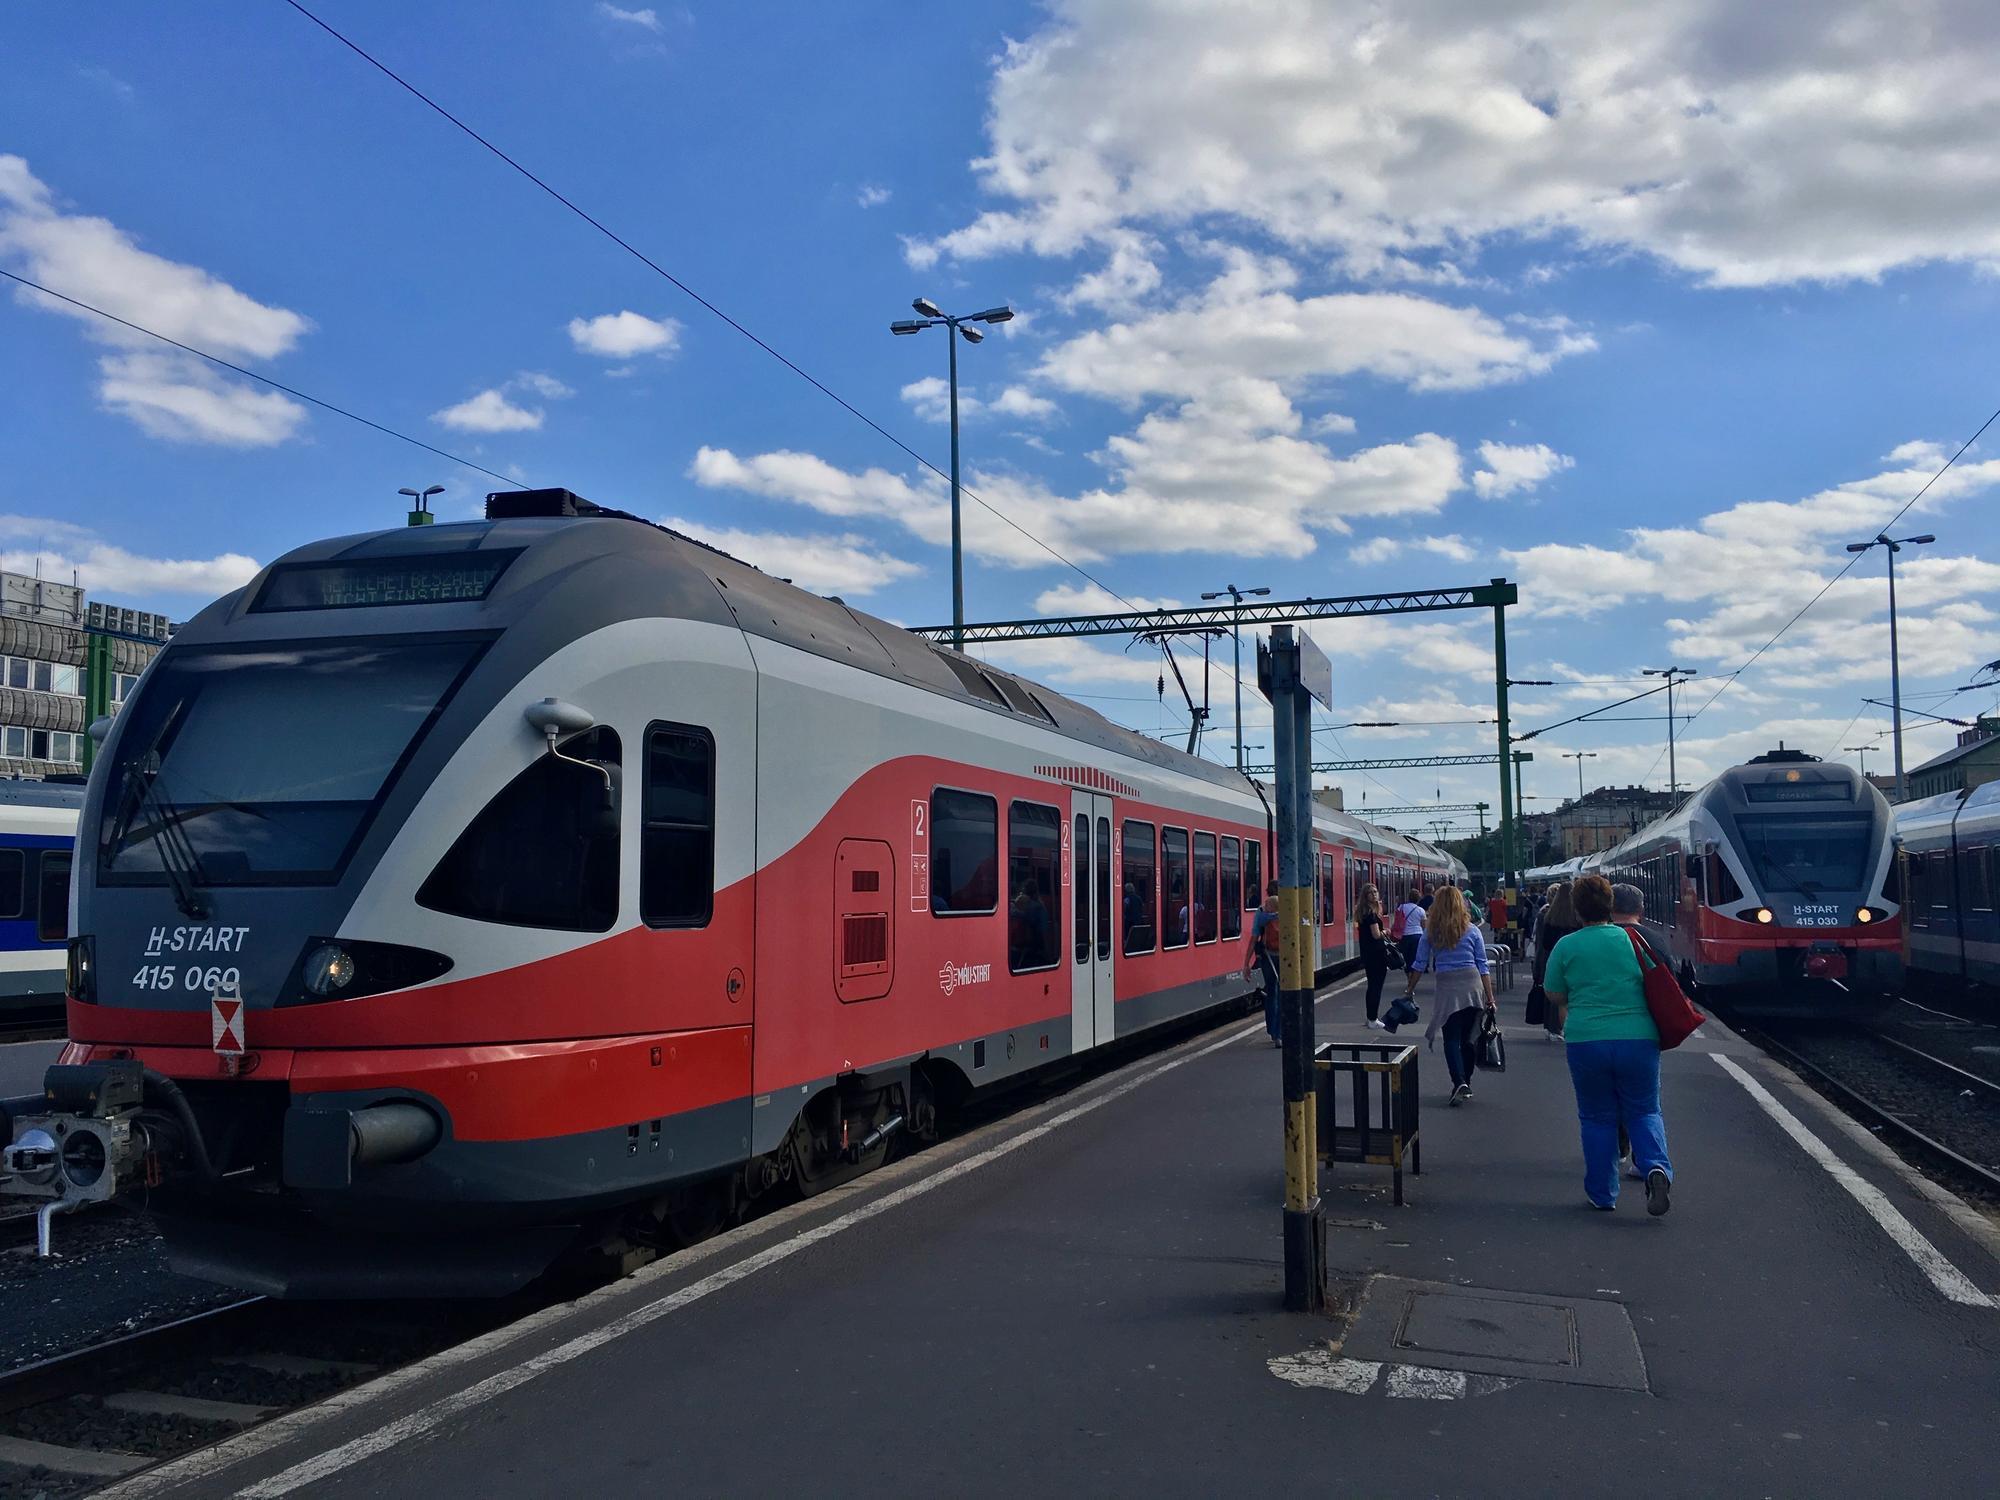 🇭🇺 Будапешт, Венгрия, сентябрь 2017.